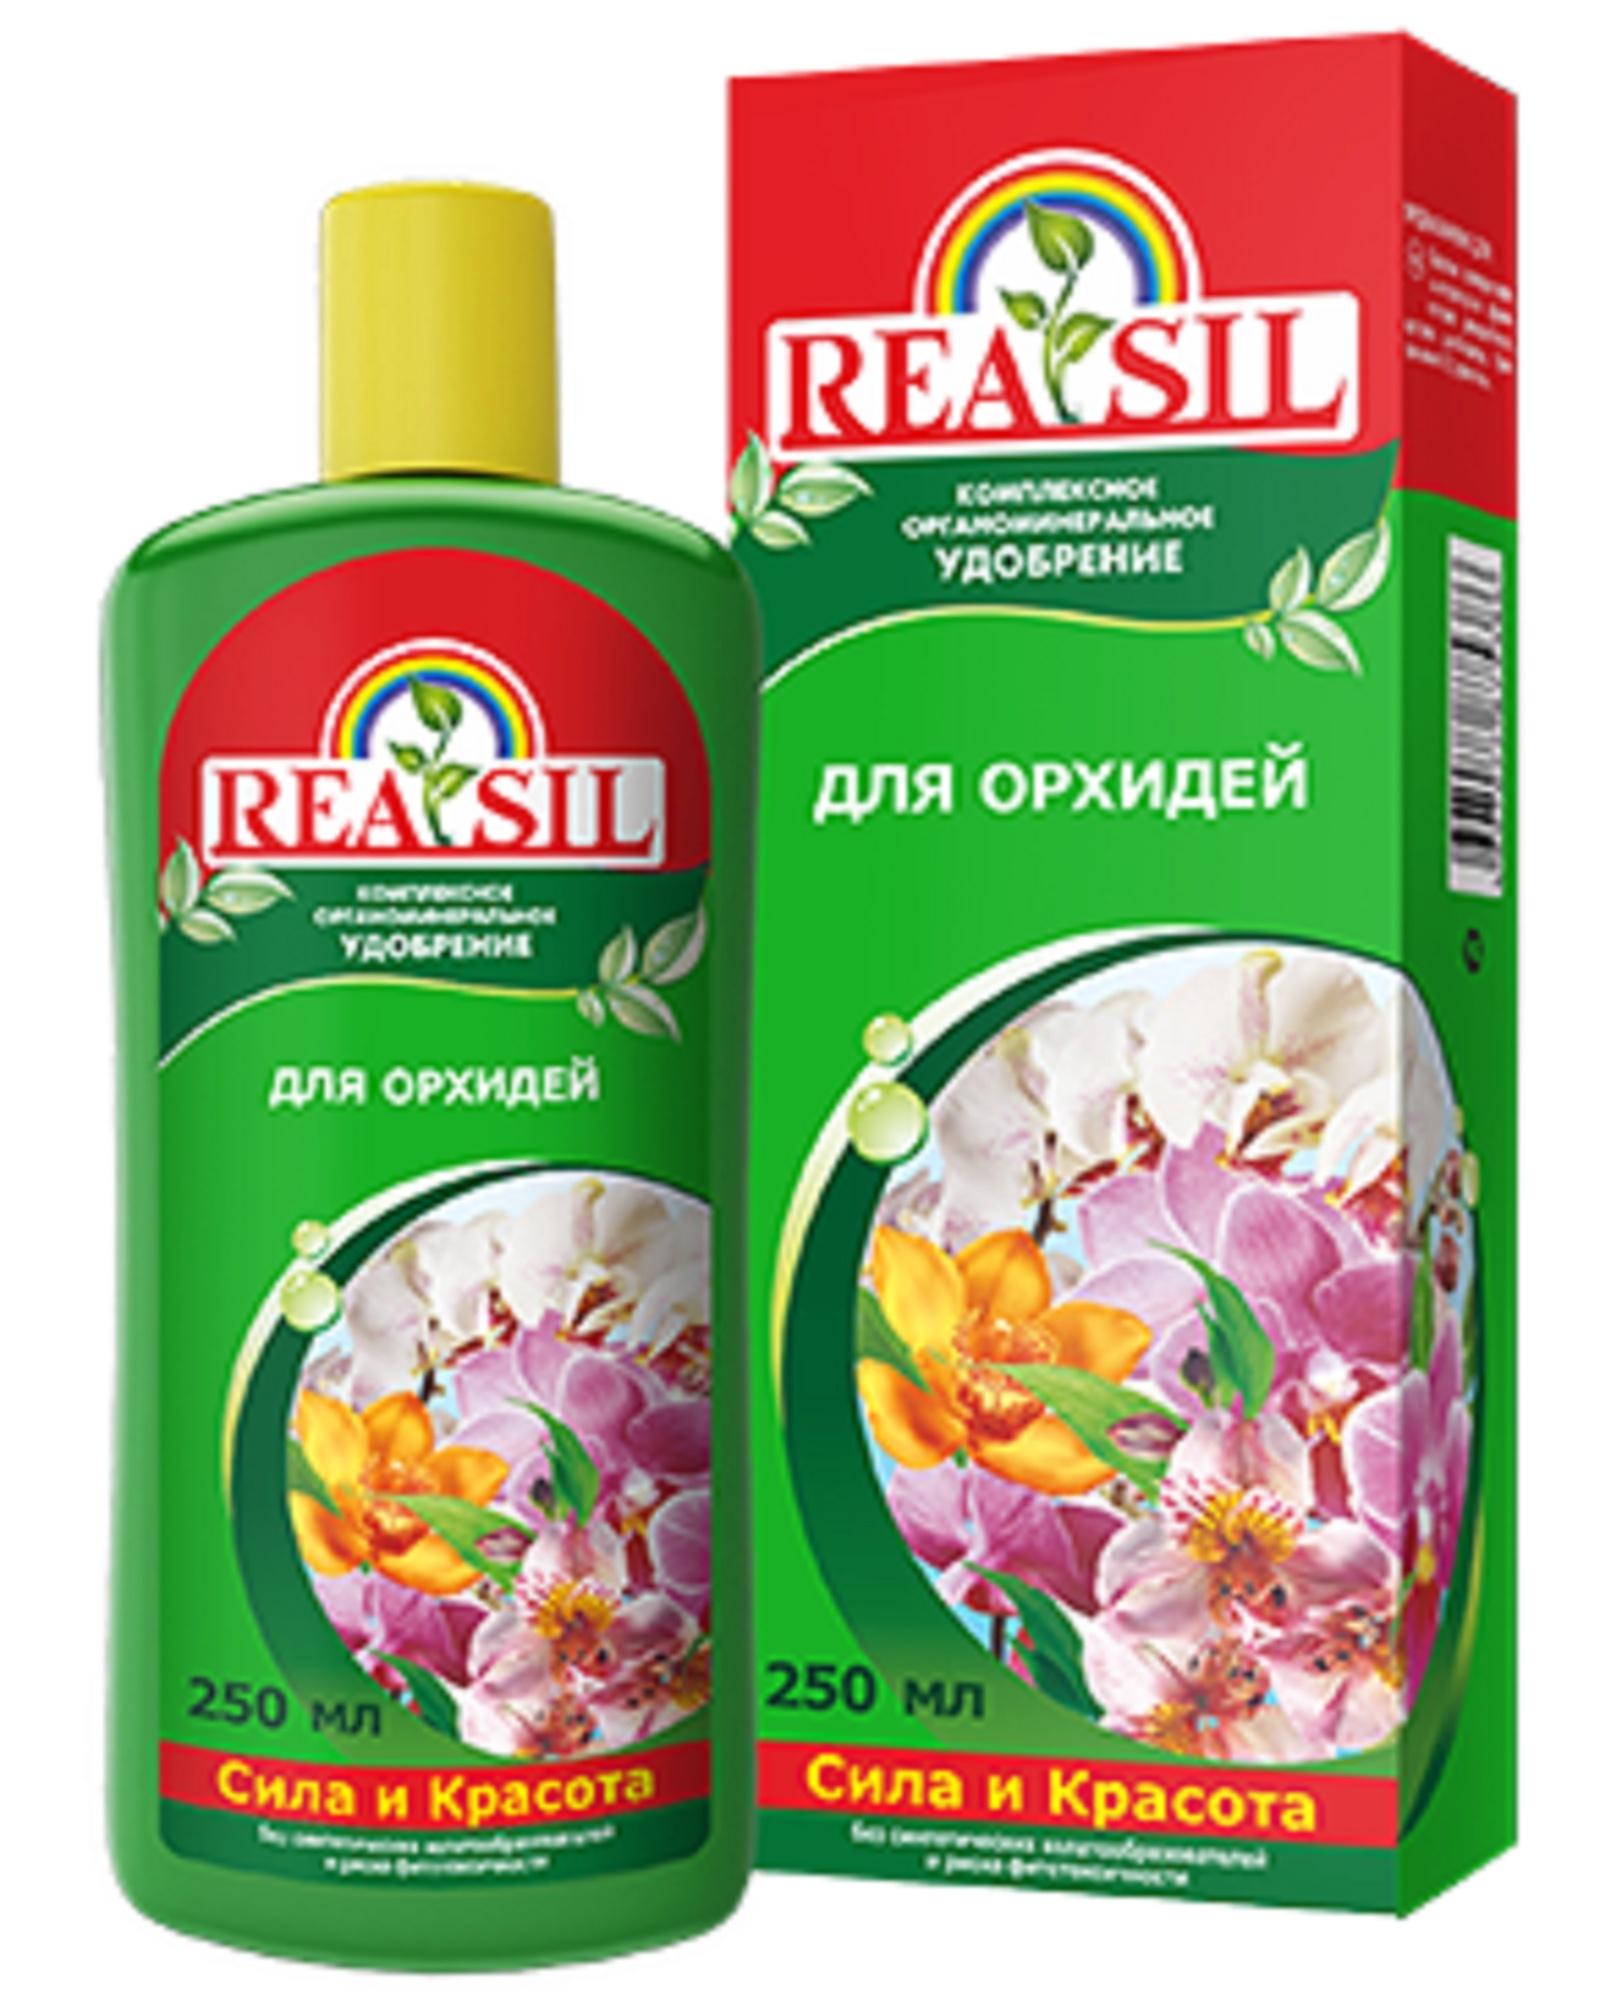 Удобрение Reasil для орхидей 250мл